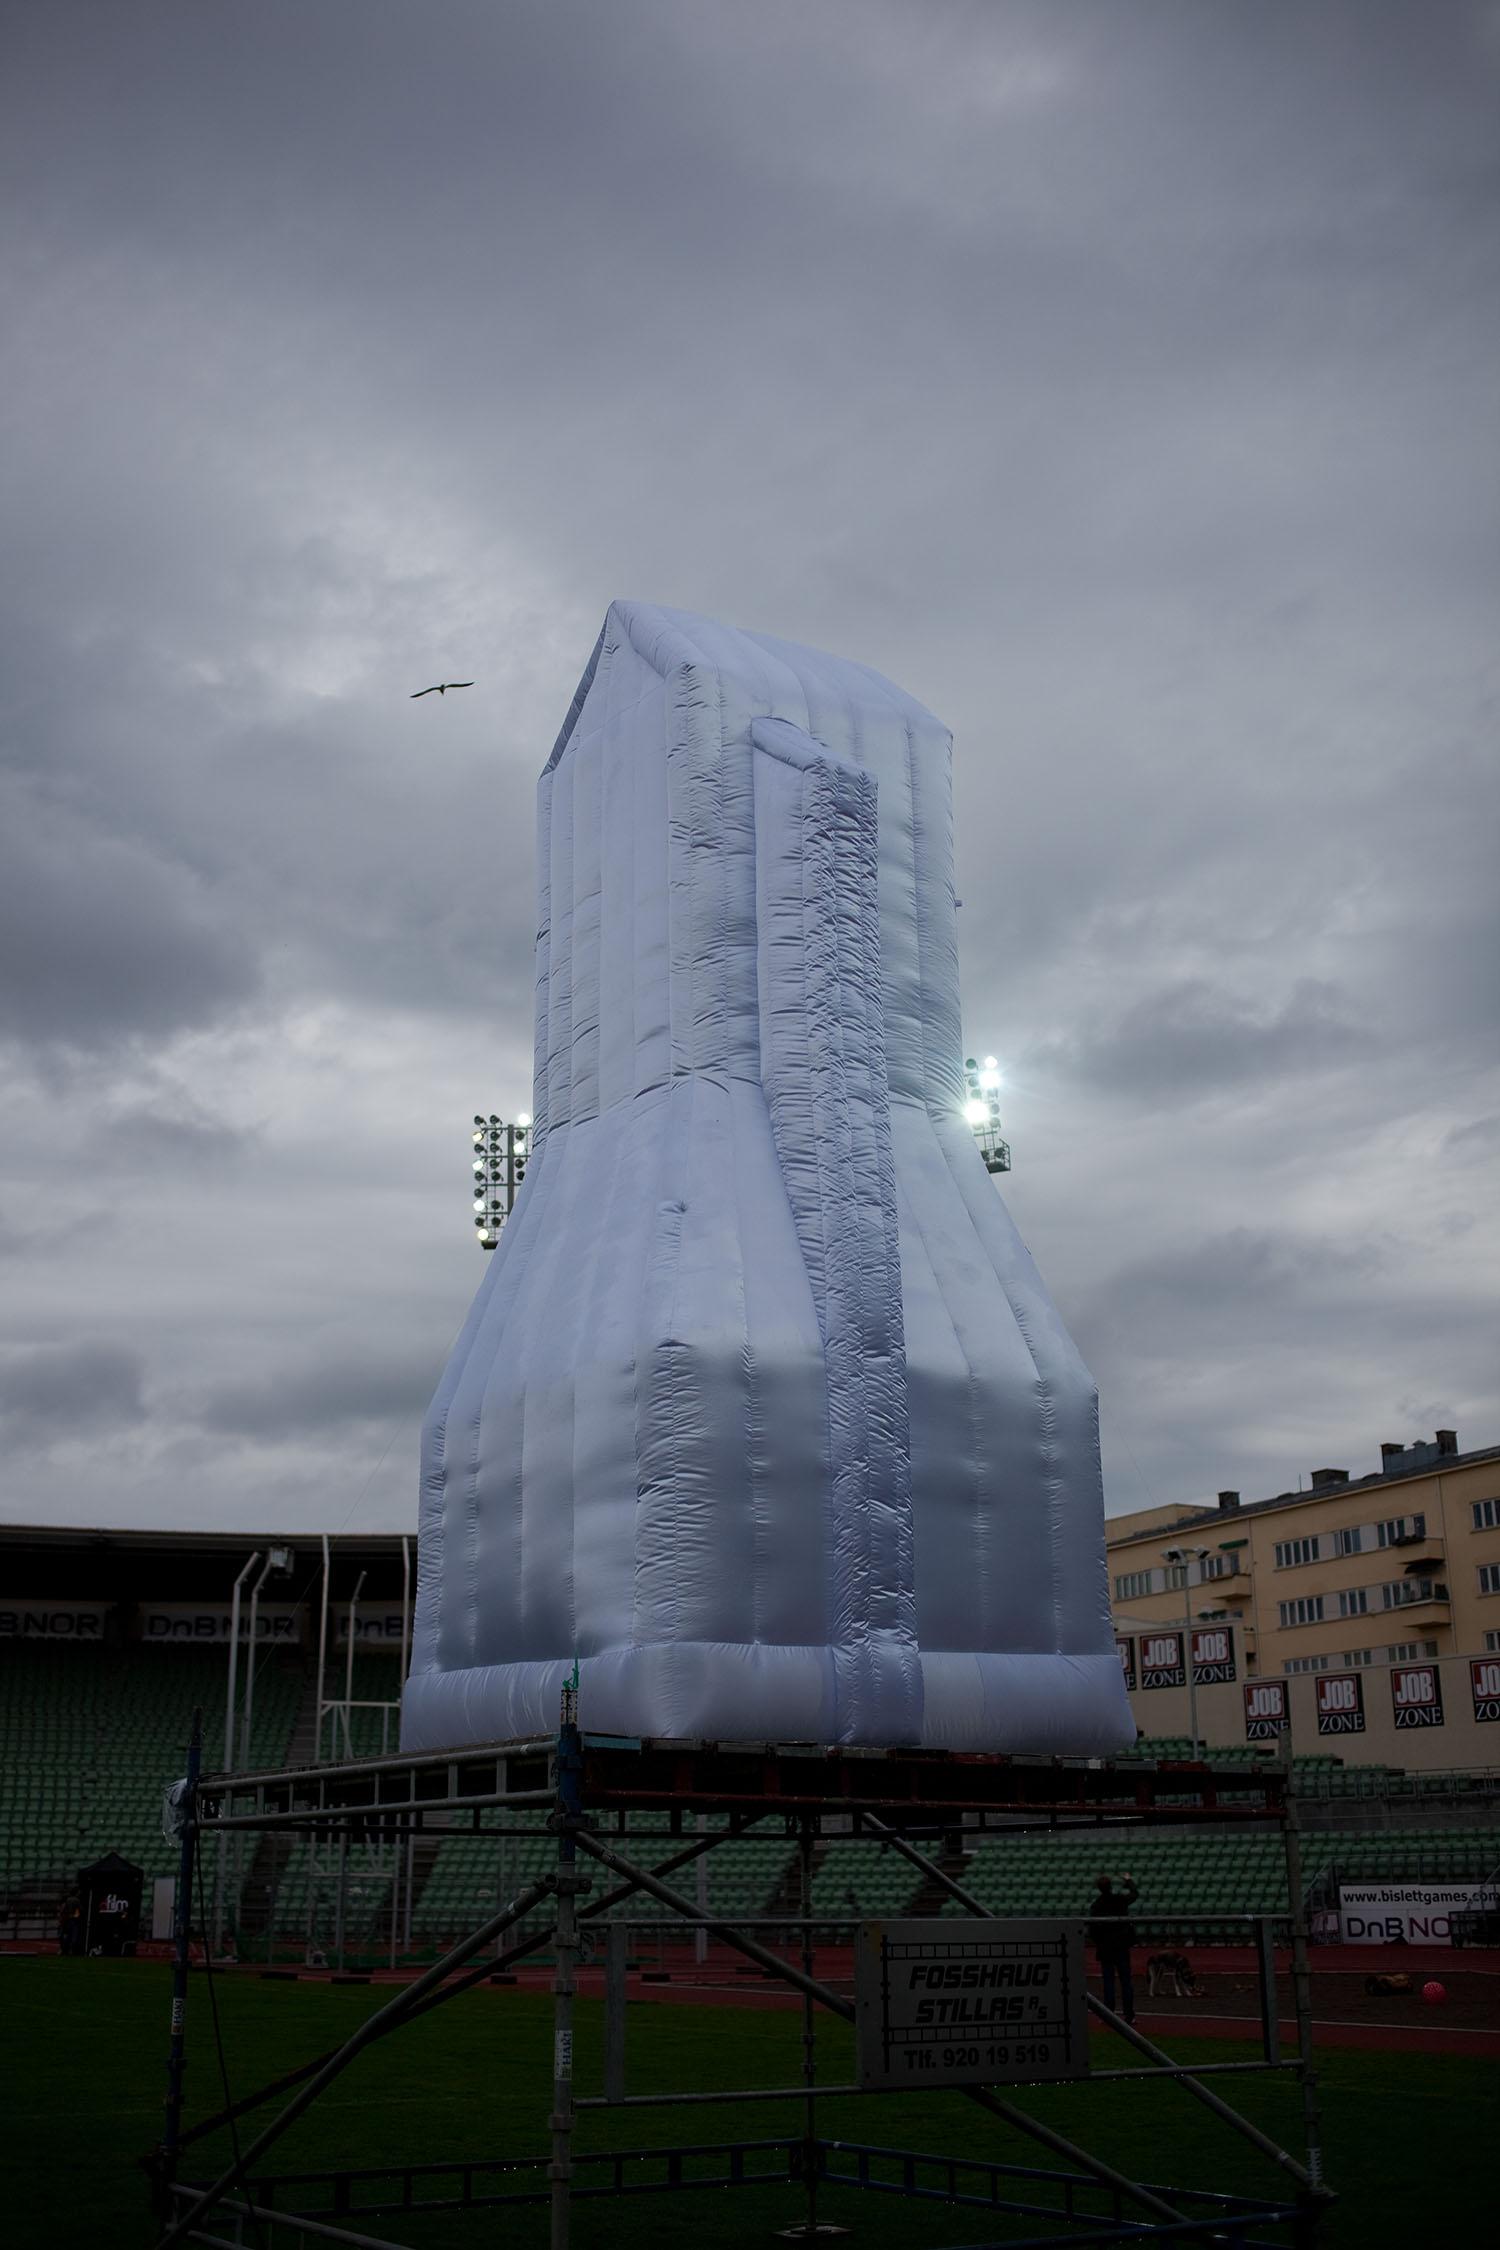 giant-bowl-inflatable-sculpture-strandberg-danielle-53.jpg